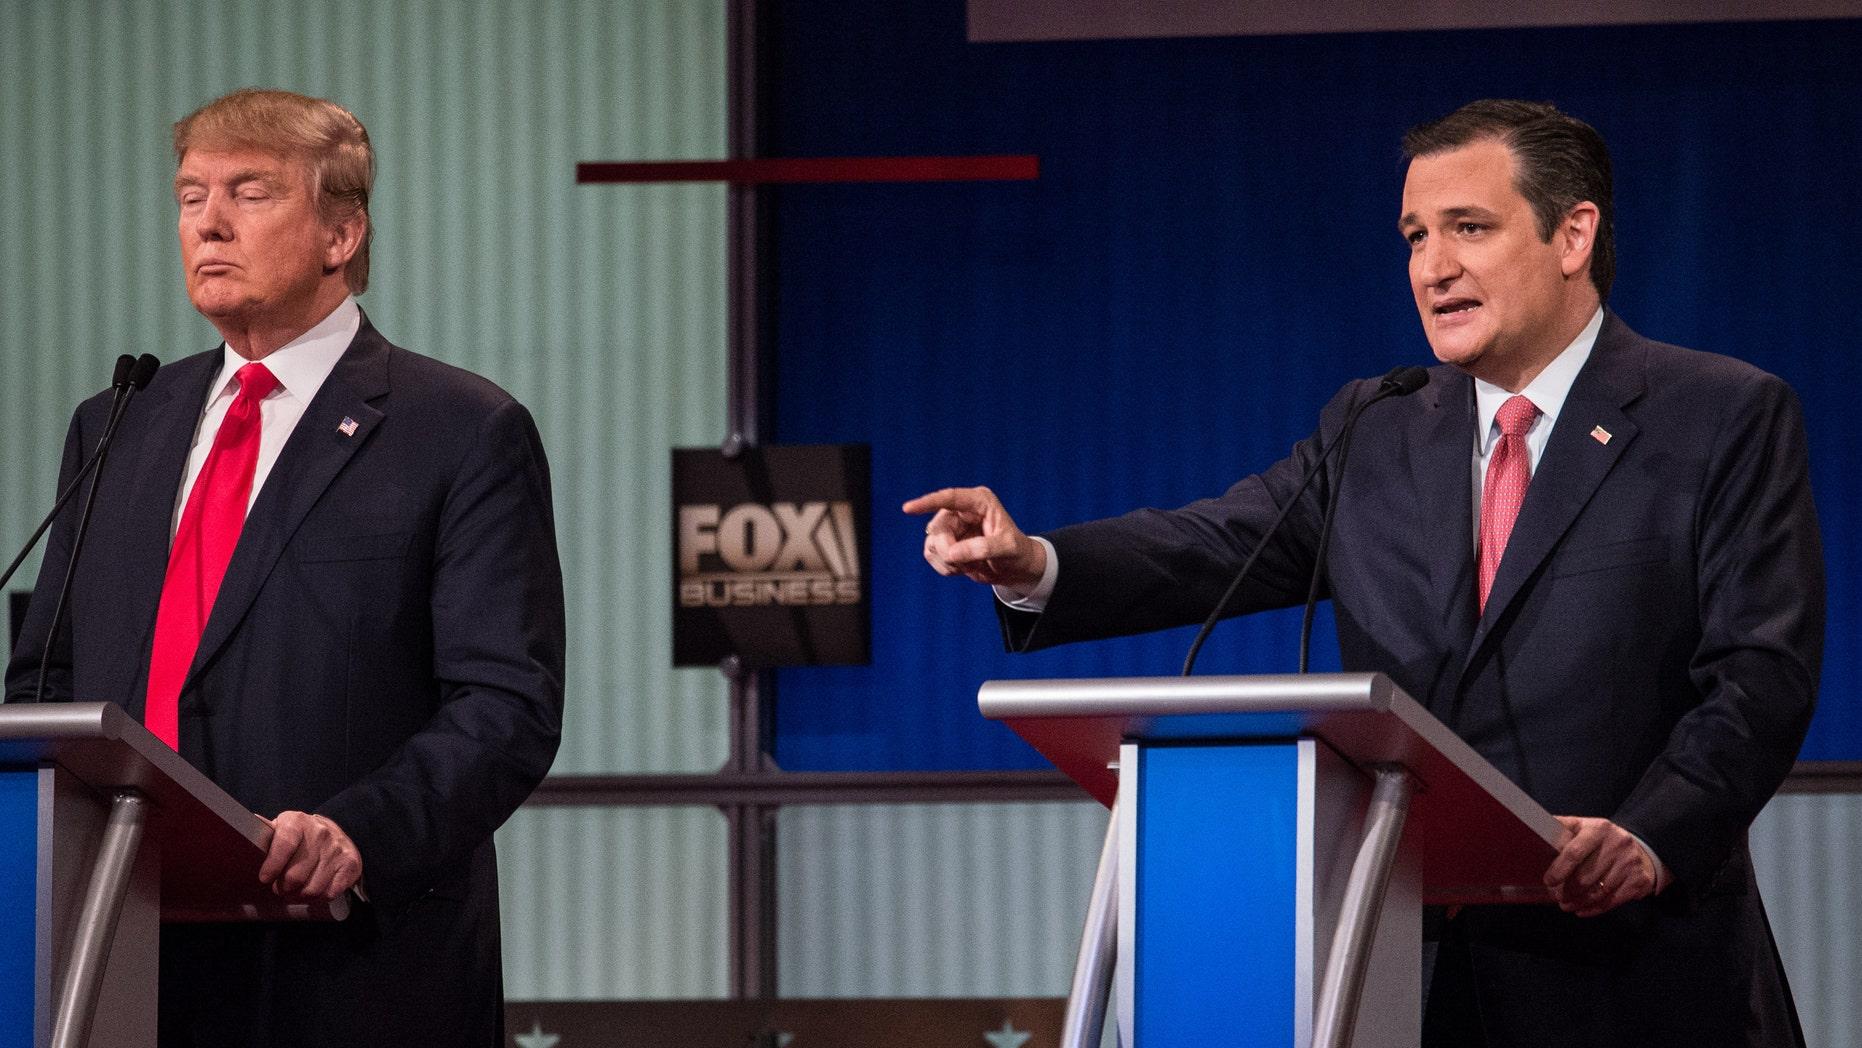 Ted Cruz gestures as he speaks during the debate.